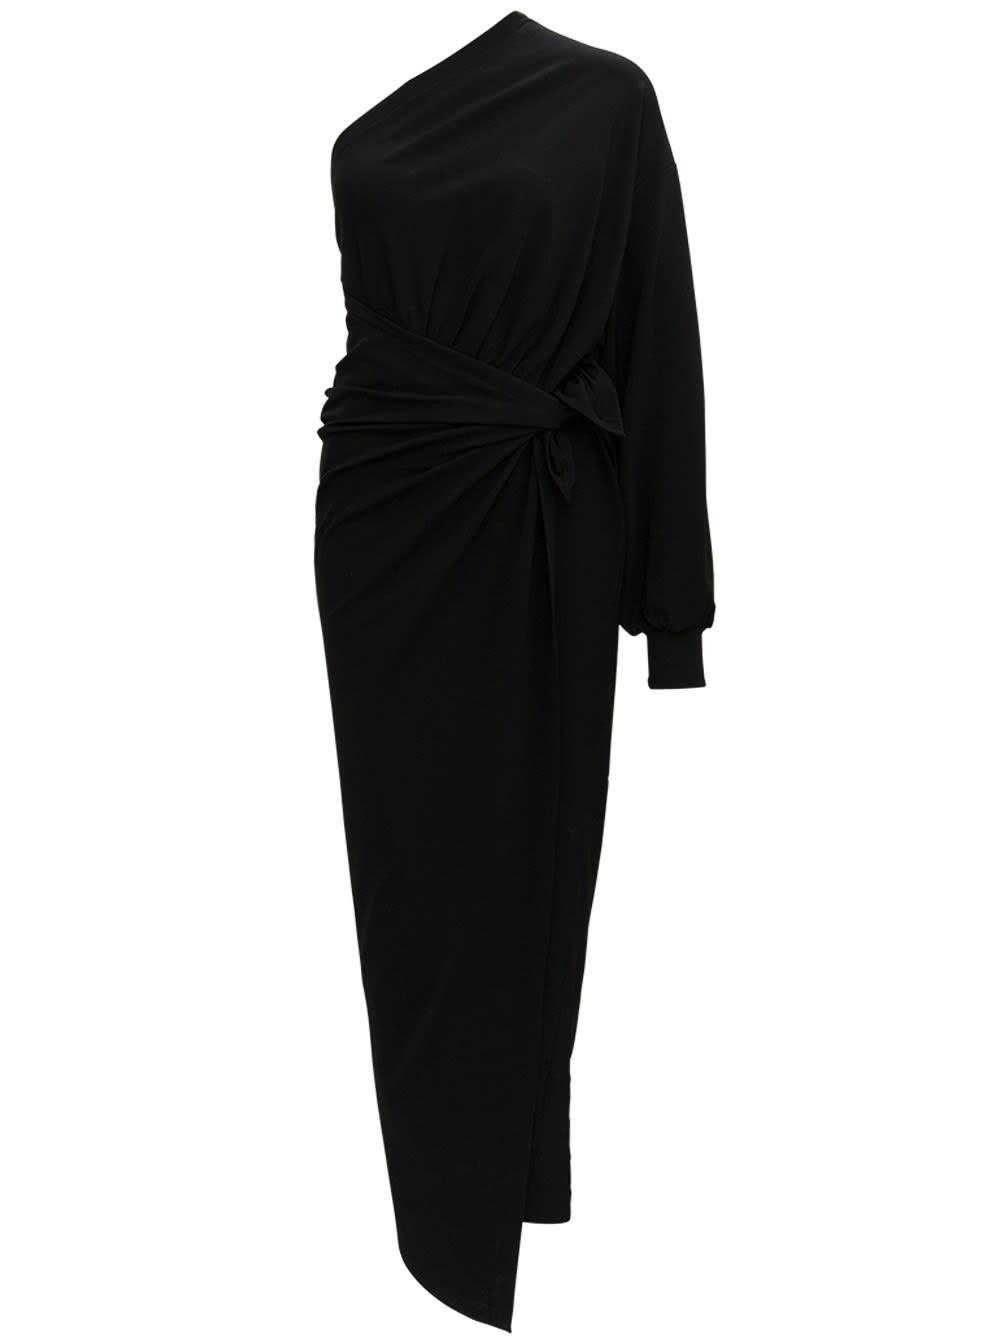 Balenciaga Viscose Long Body Wrap Dress